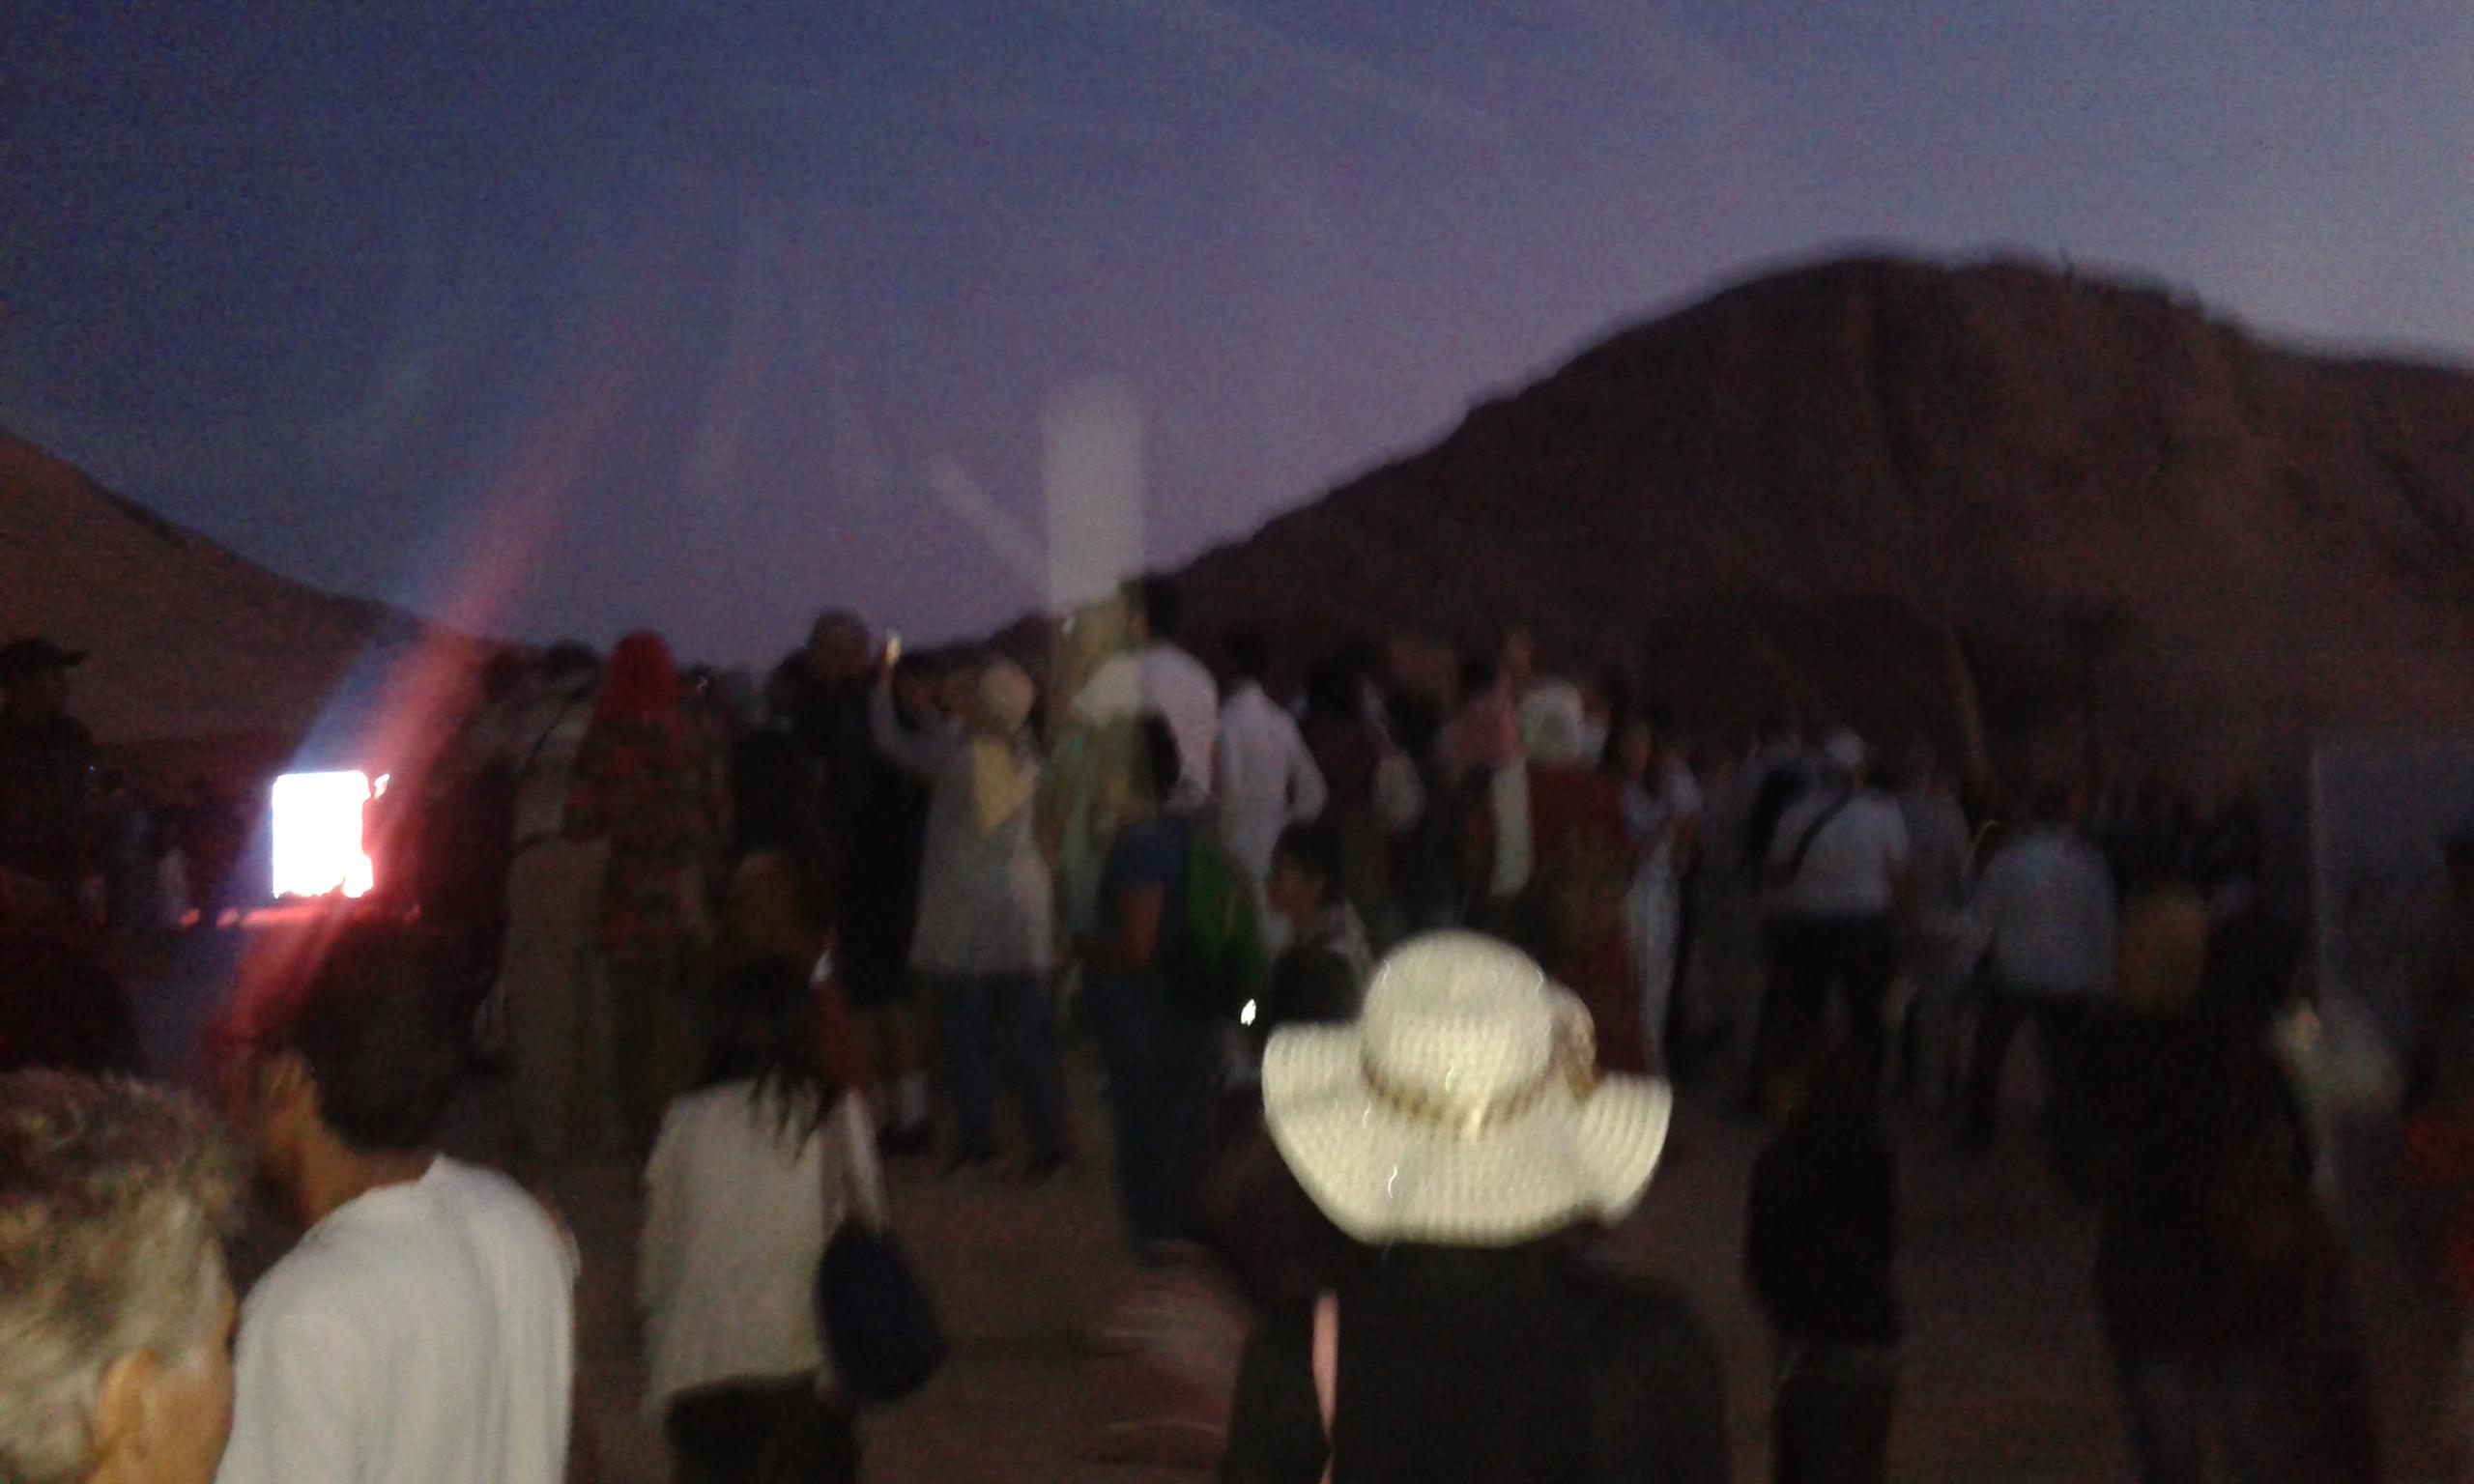 السياح يلتقطون السيلفى أمام معبد أبو سمبل (2)